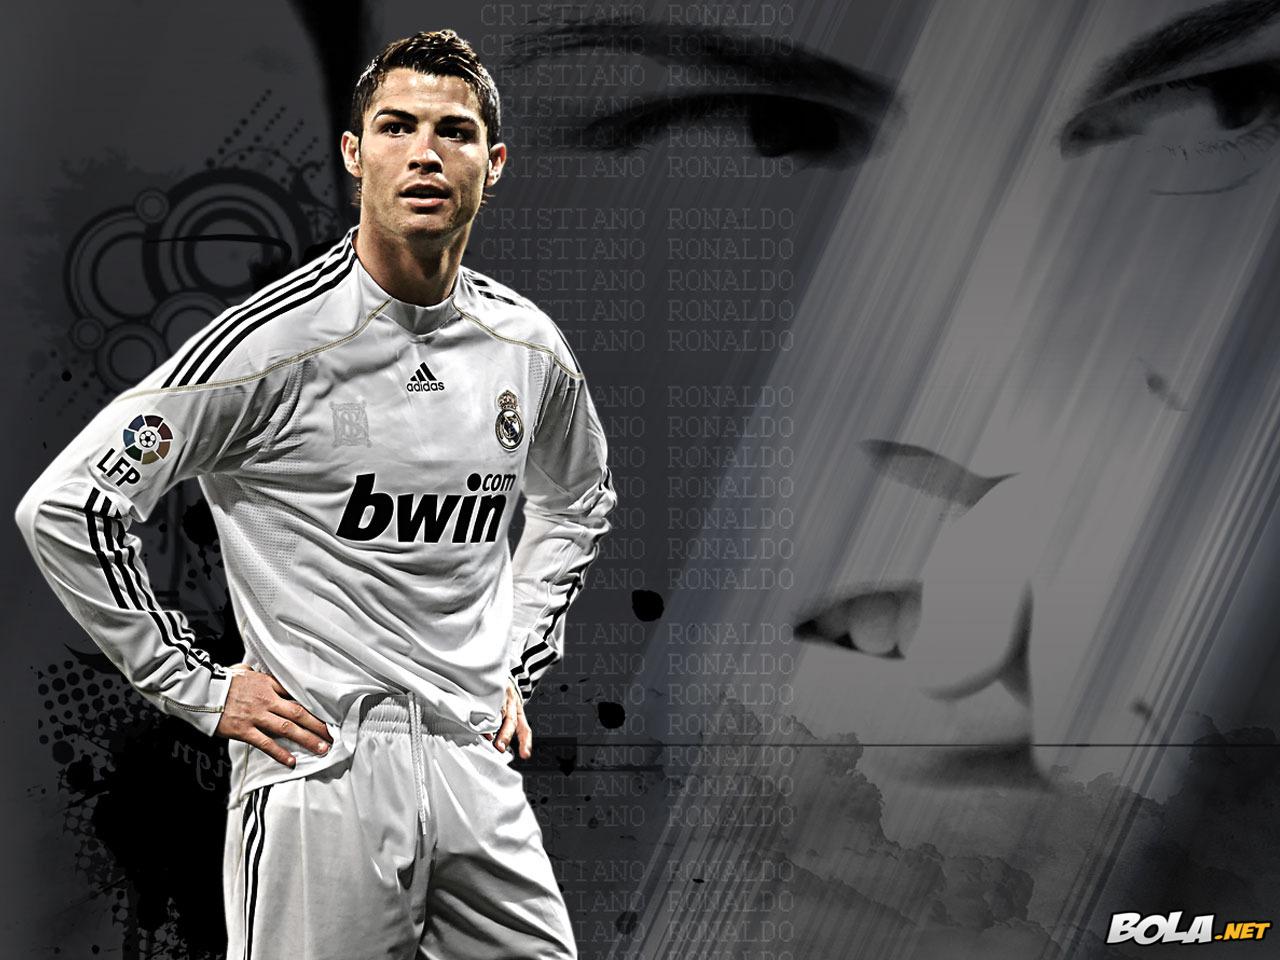 CR7 - Cristiano Ronaldo Wallpaper (34745323) - Fanpop